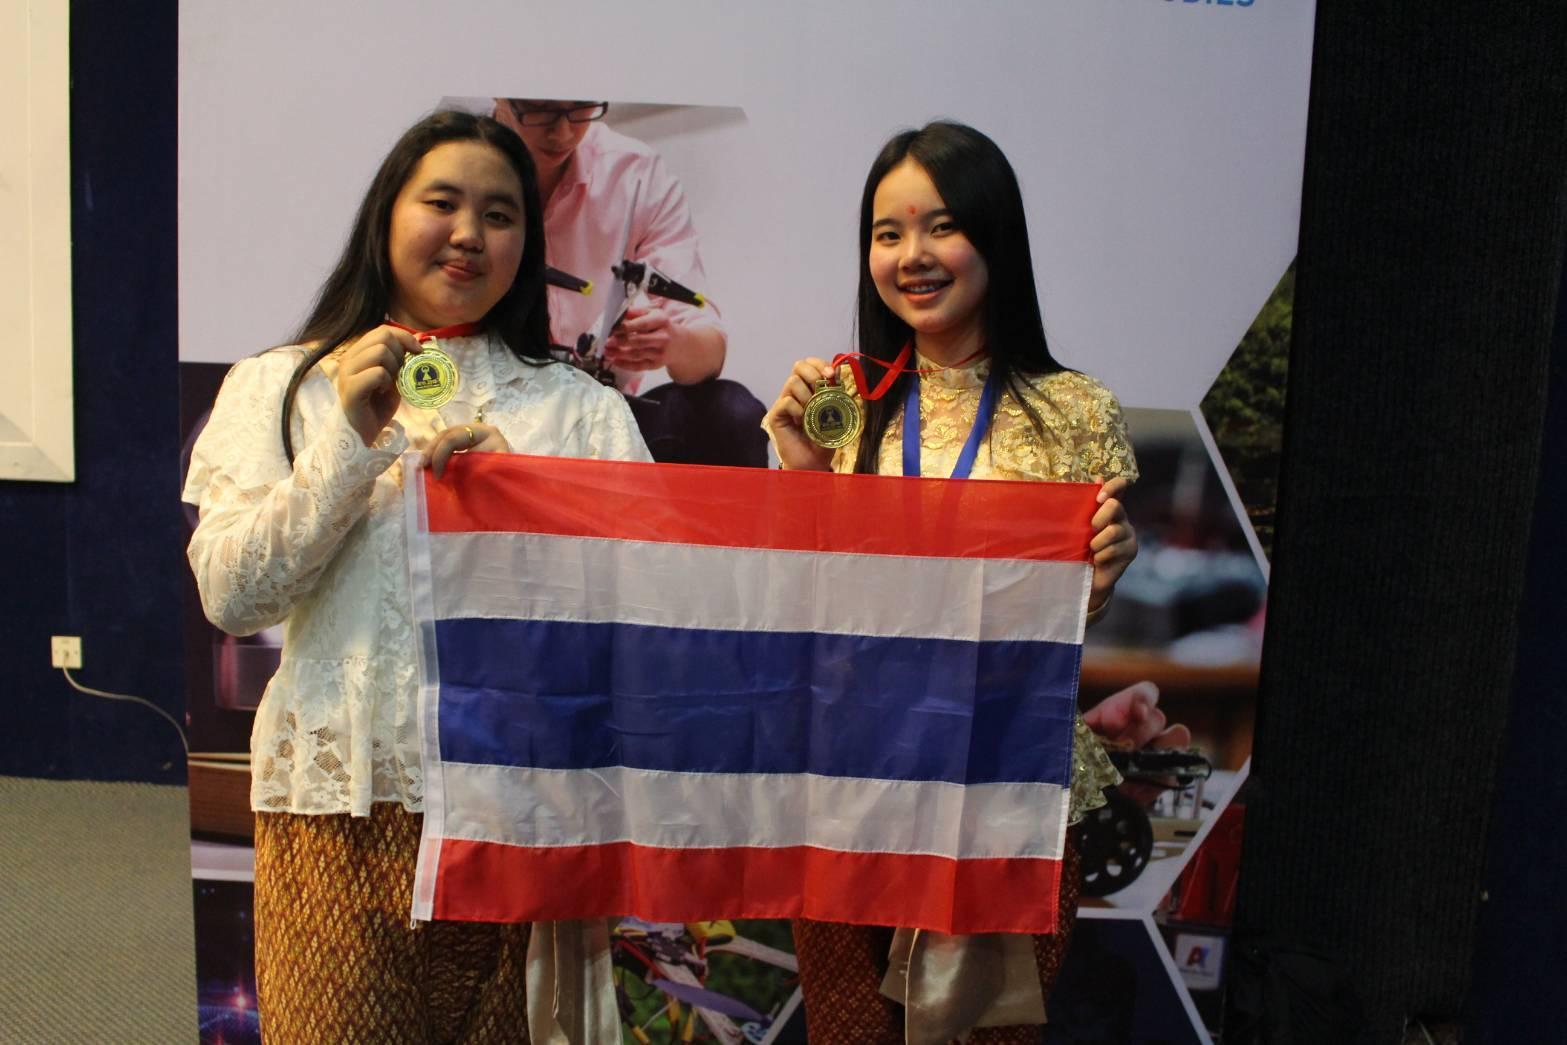 เด็กไทยกวาด 12 รางวัล เวทีประกวดสิ่งประดิษฐ์วิทยาศาสตร์นานาชาติ